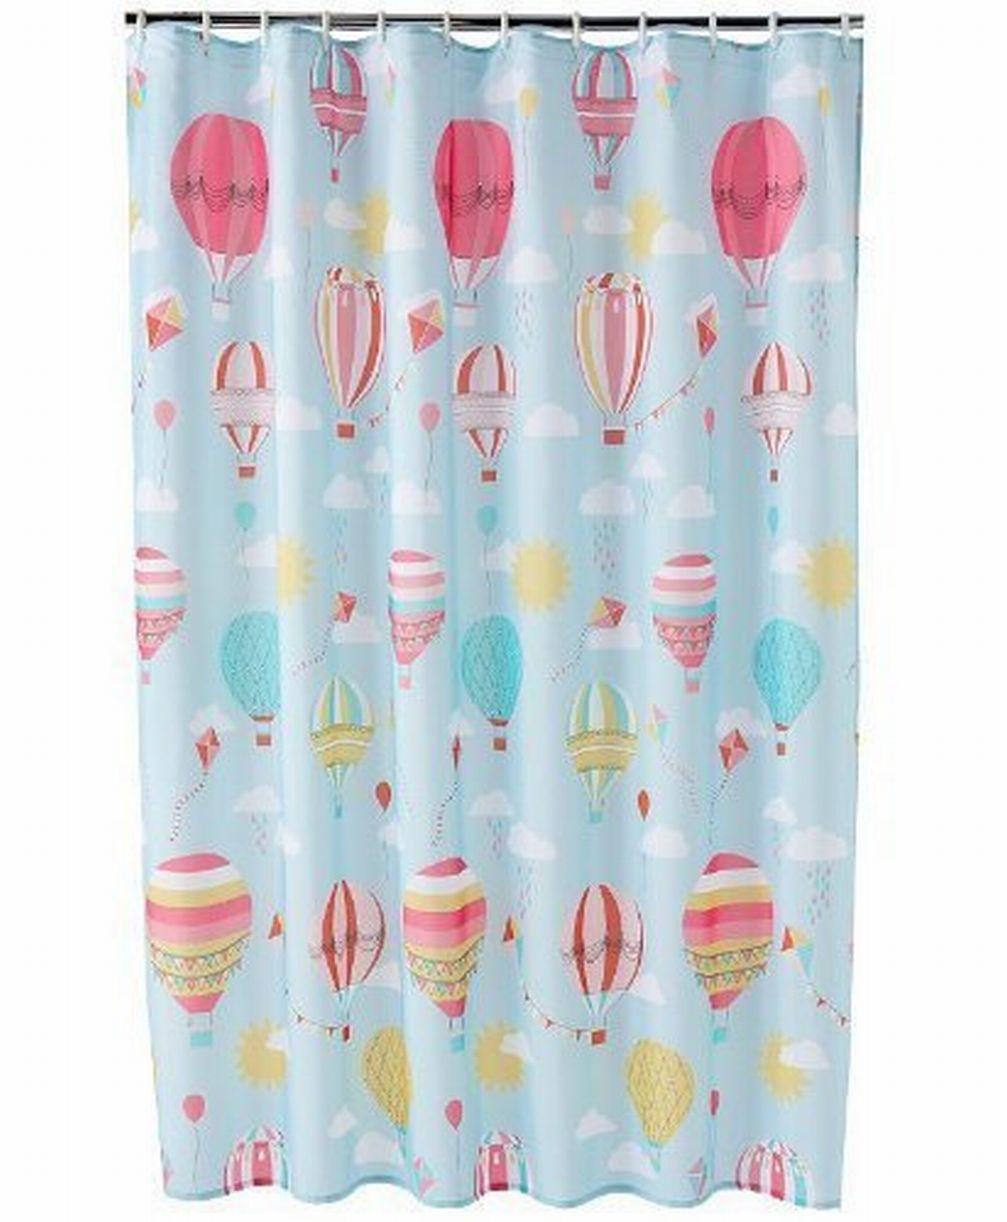 jumping beans in the air fabric shower curtain hot air balloon kids bath